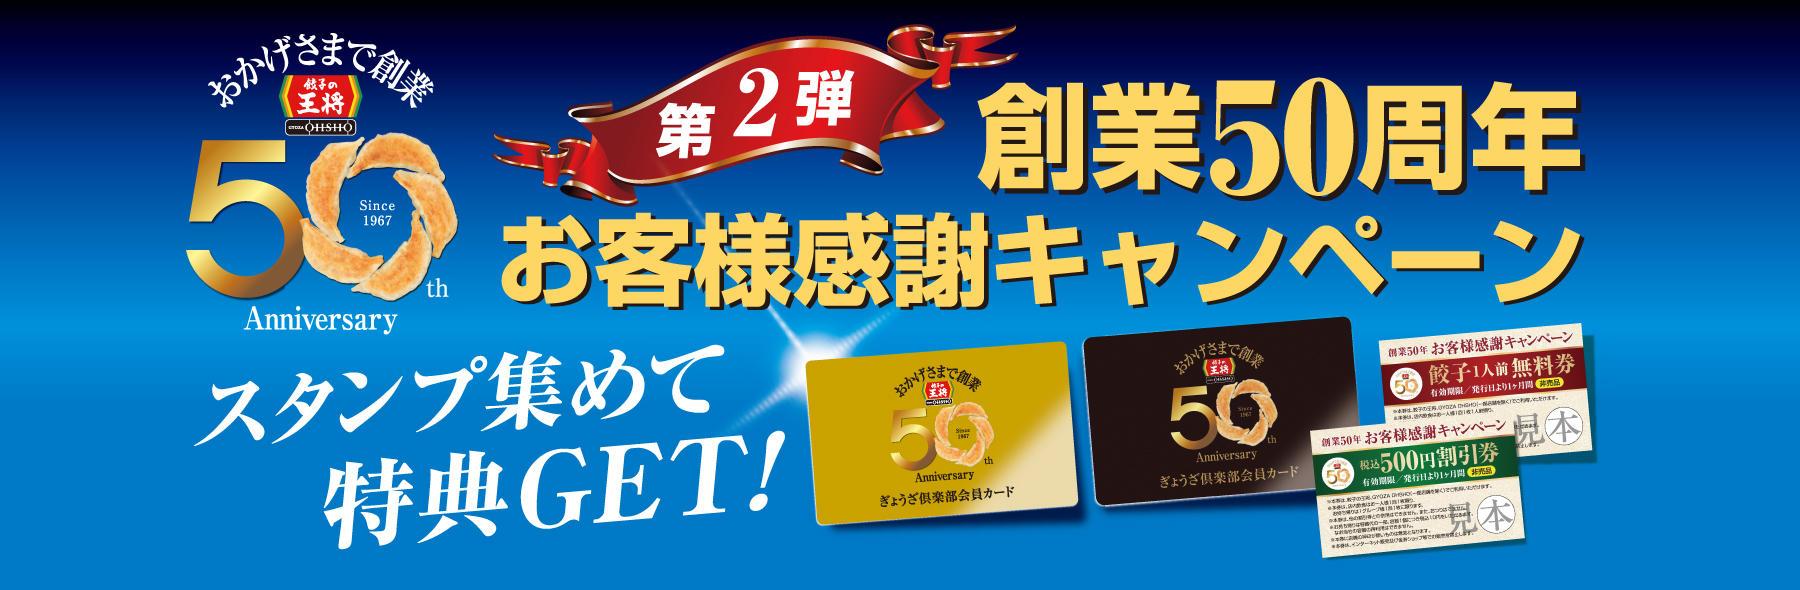 餃子の王将で食べた餃子に応じて餃子1人前無料券や税込250円割引券、5%-7%oFFぎょうざ倶楽部会員カードが貰える。1/18~6/13。